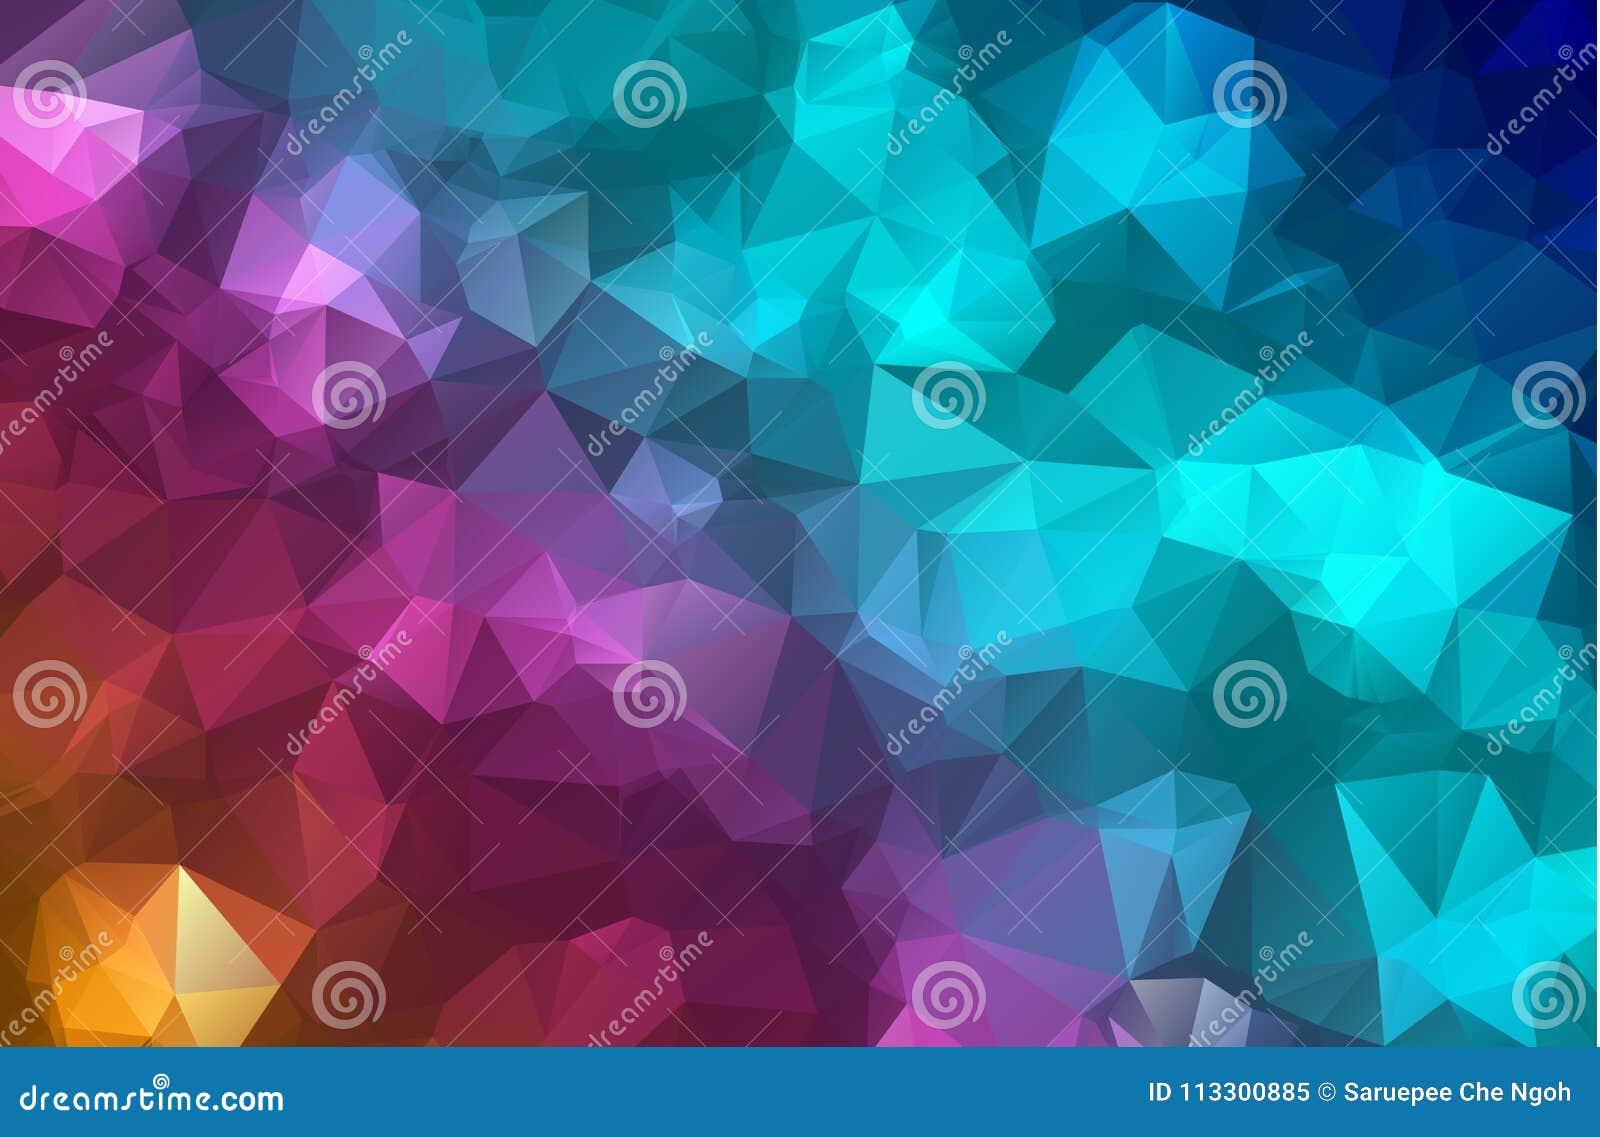 Διανυσματικό υπόβαθρο τριγώνων πολυγώνων αφηρημένο σύγχρονο Polygonal γεωμετρικό Ζωηρόχρωμο γεωμετρικό υπόβαθρο τριγώνων